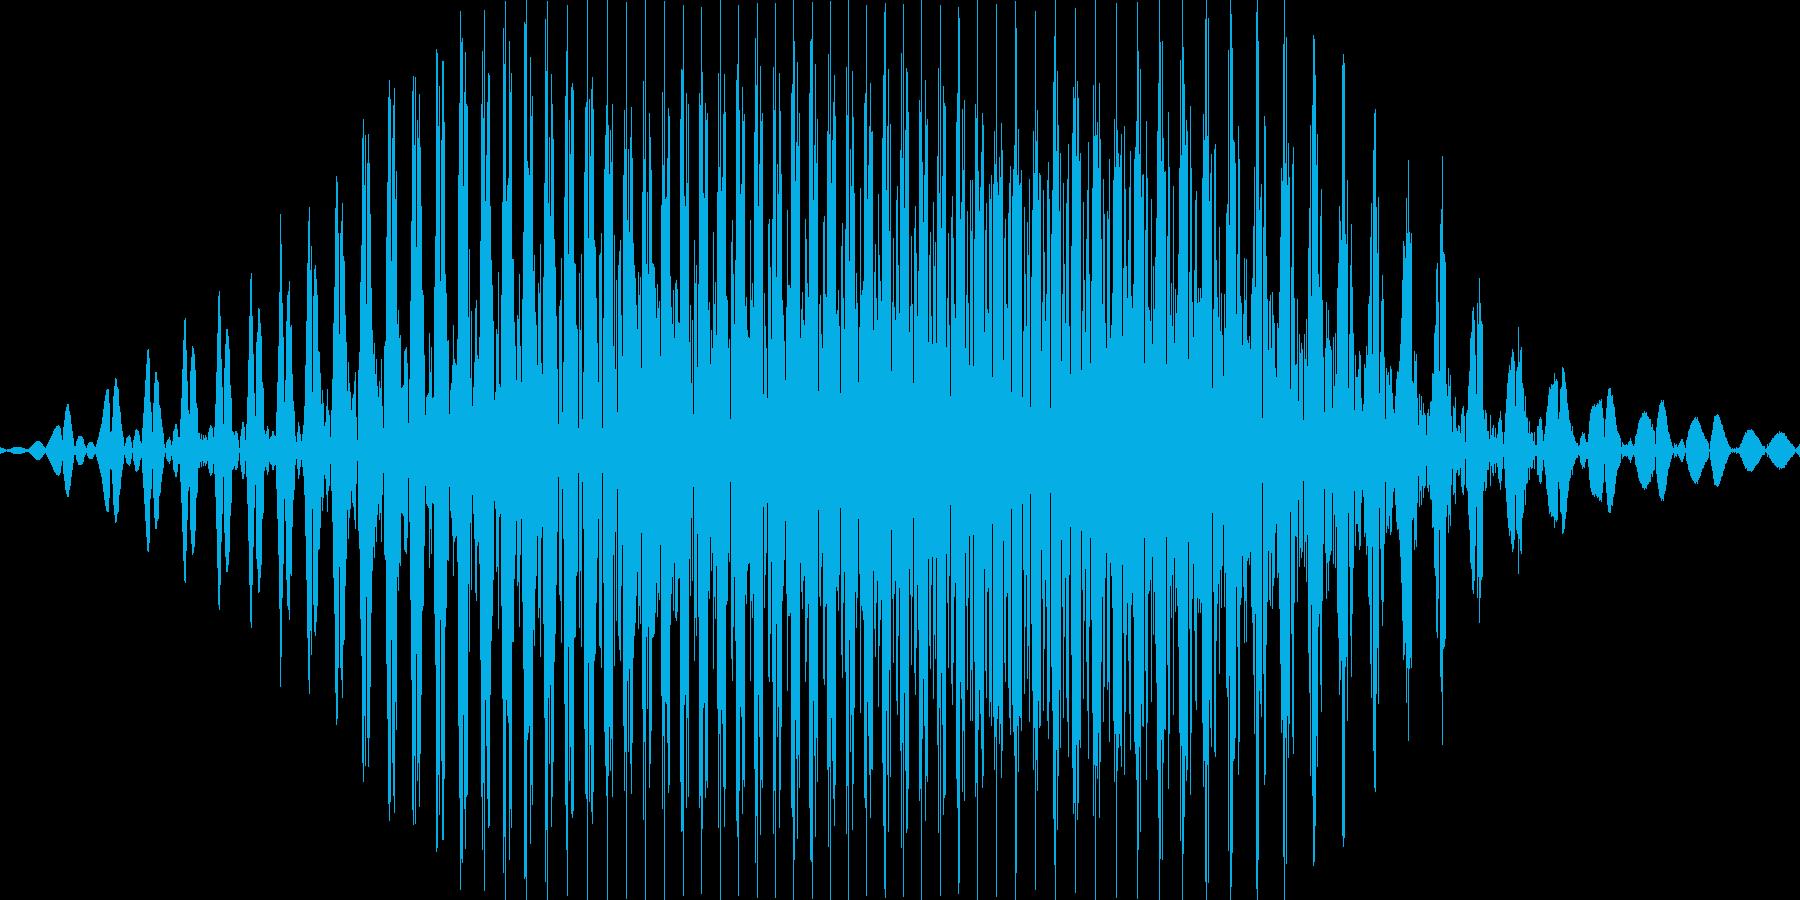 2(に)の再生済みの波形